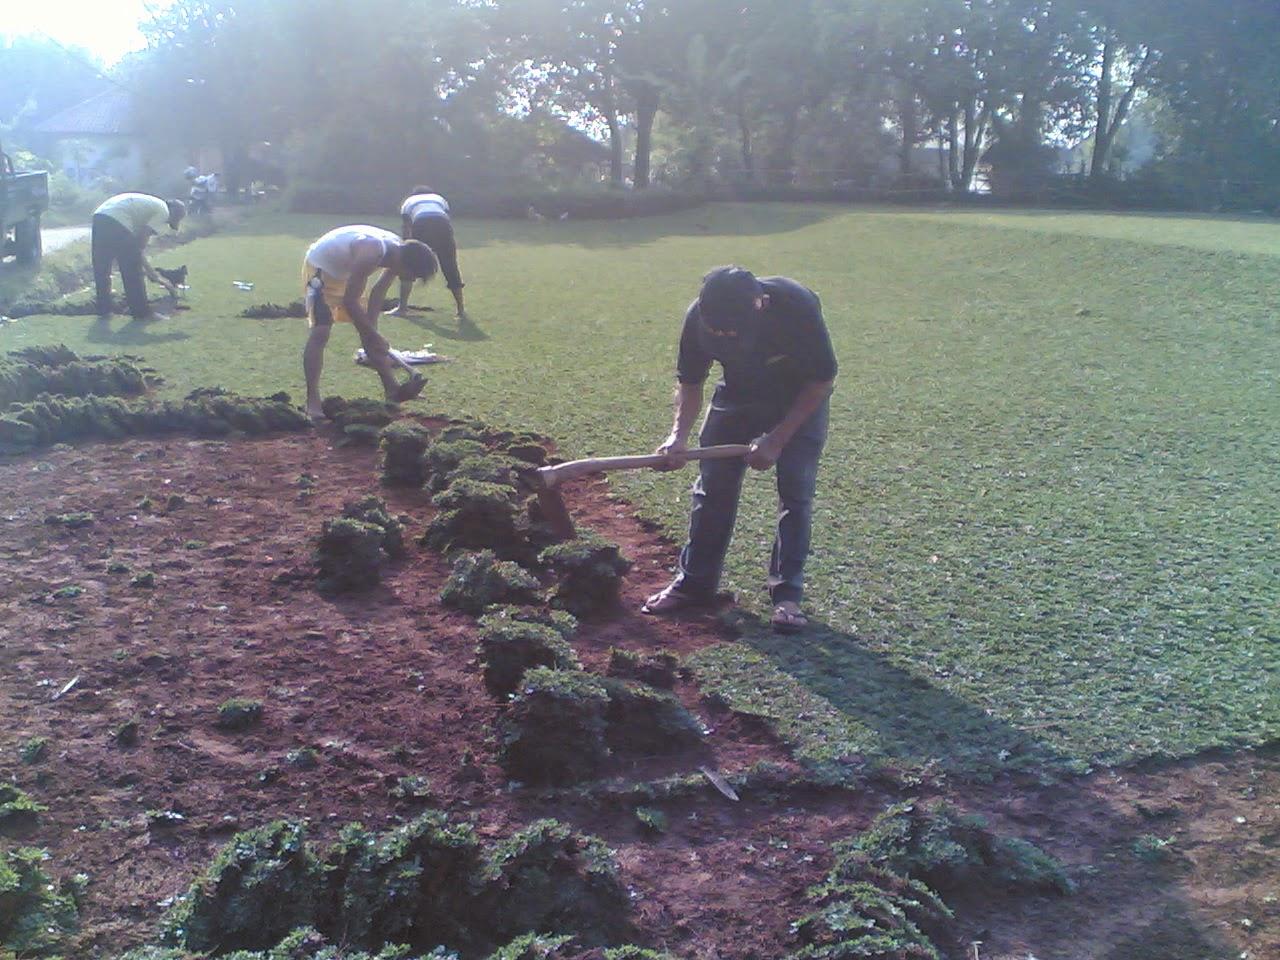 Tukang rumput | Jasa tukang taman | Potong rumput | suplier tanaman hias | Saung gazebo | Kolam minimalis | Relife | Taman kering | Taman bali